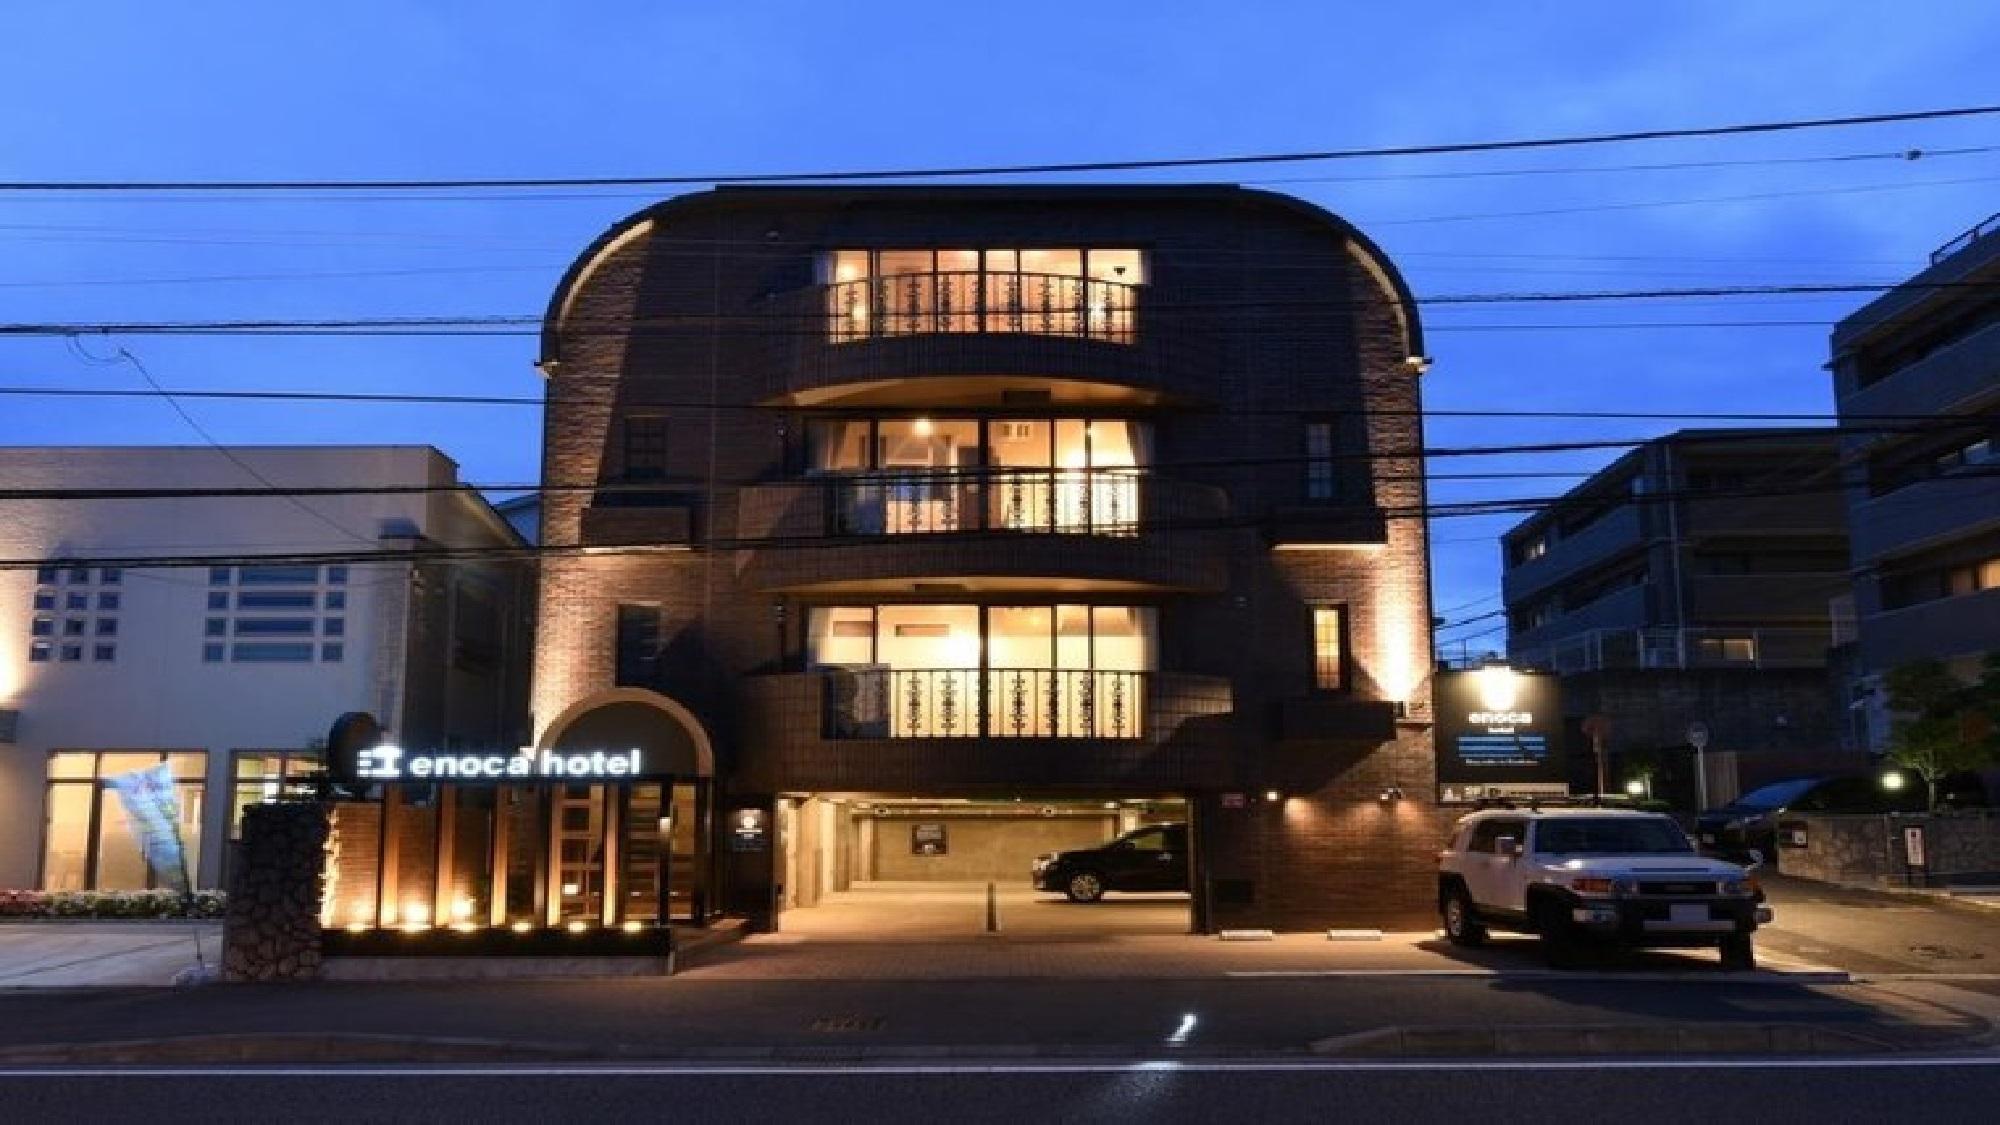 enoca hotelの施設画像